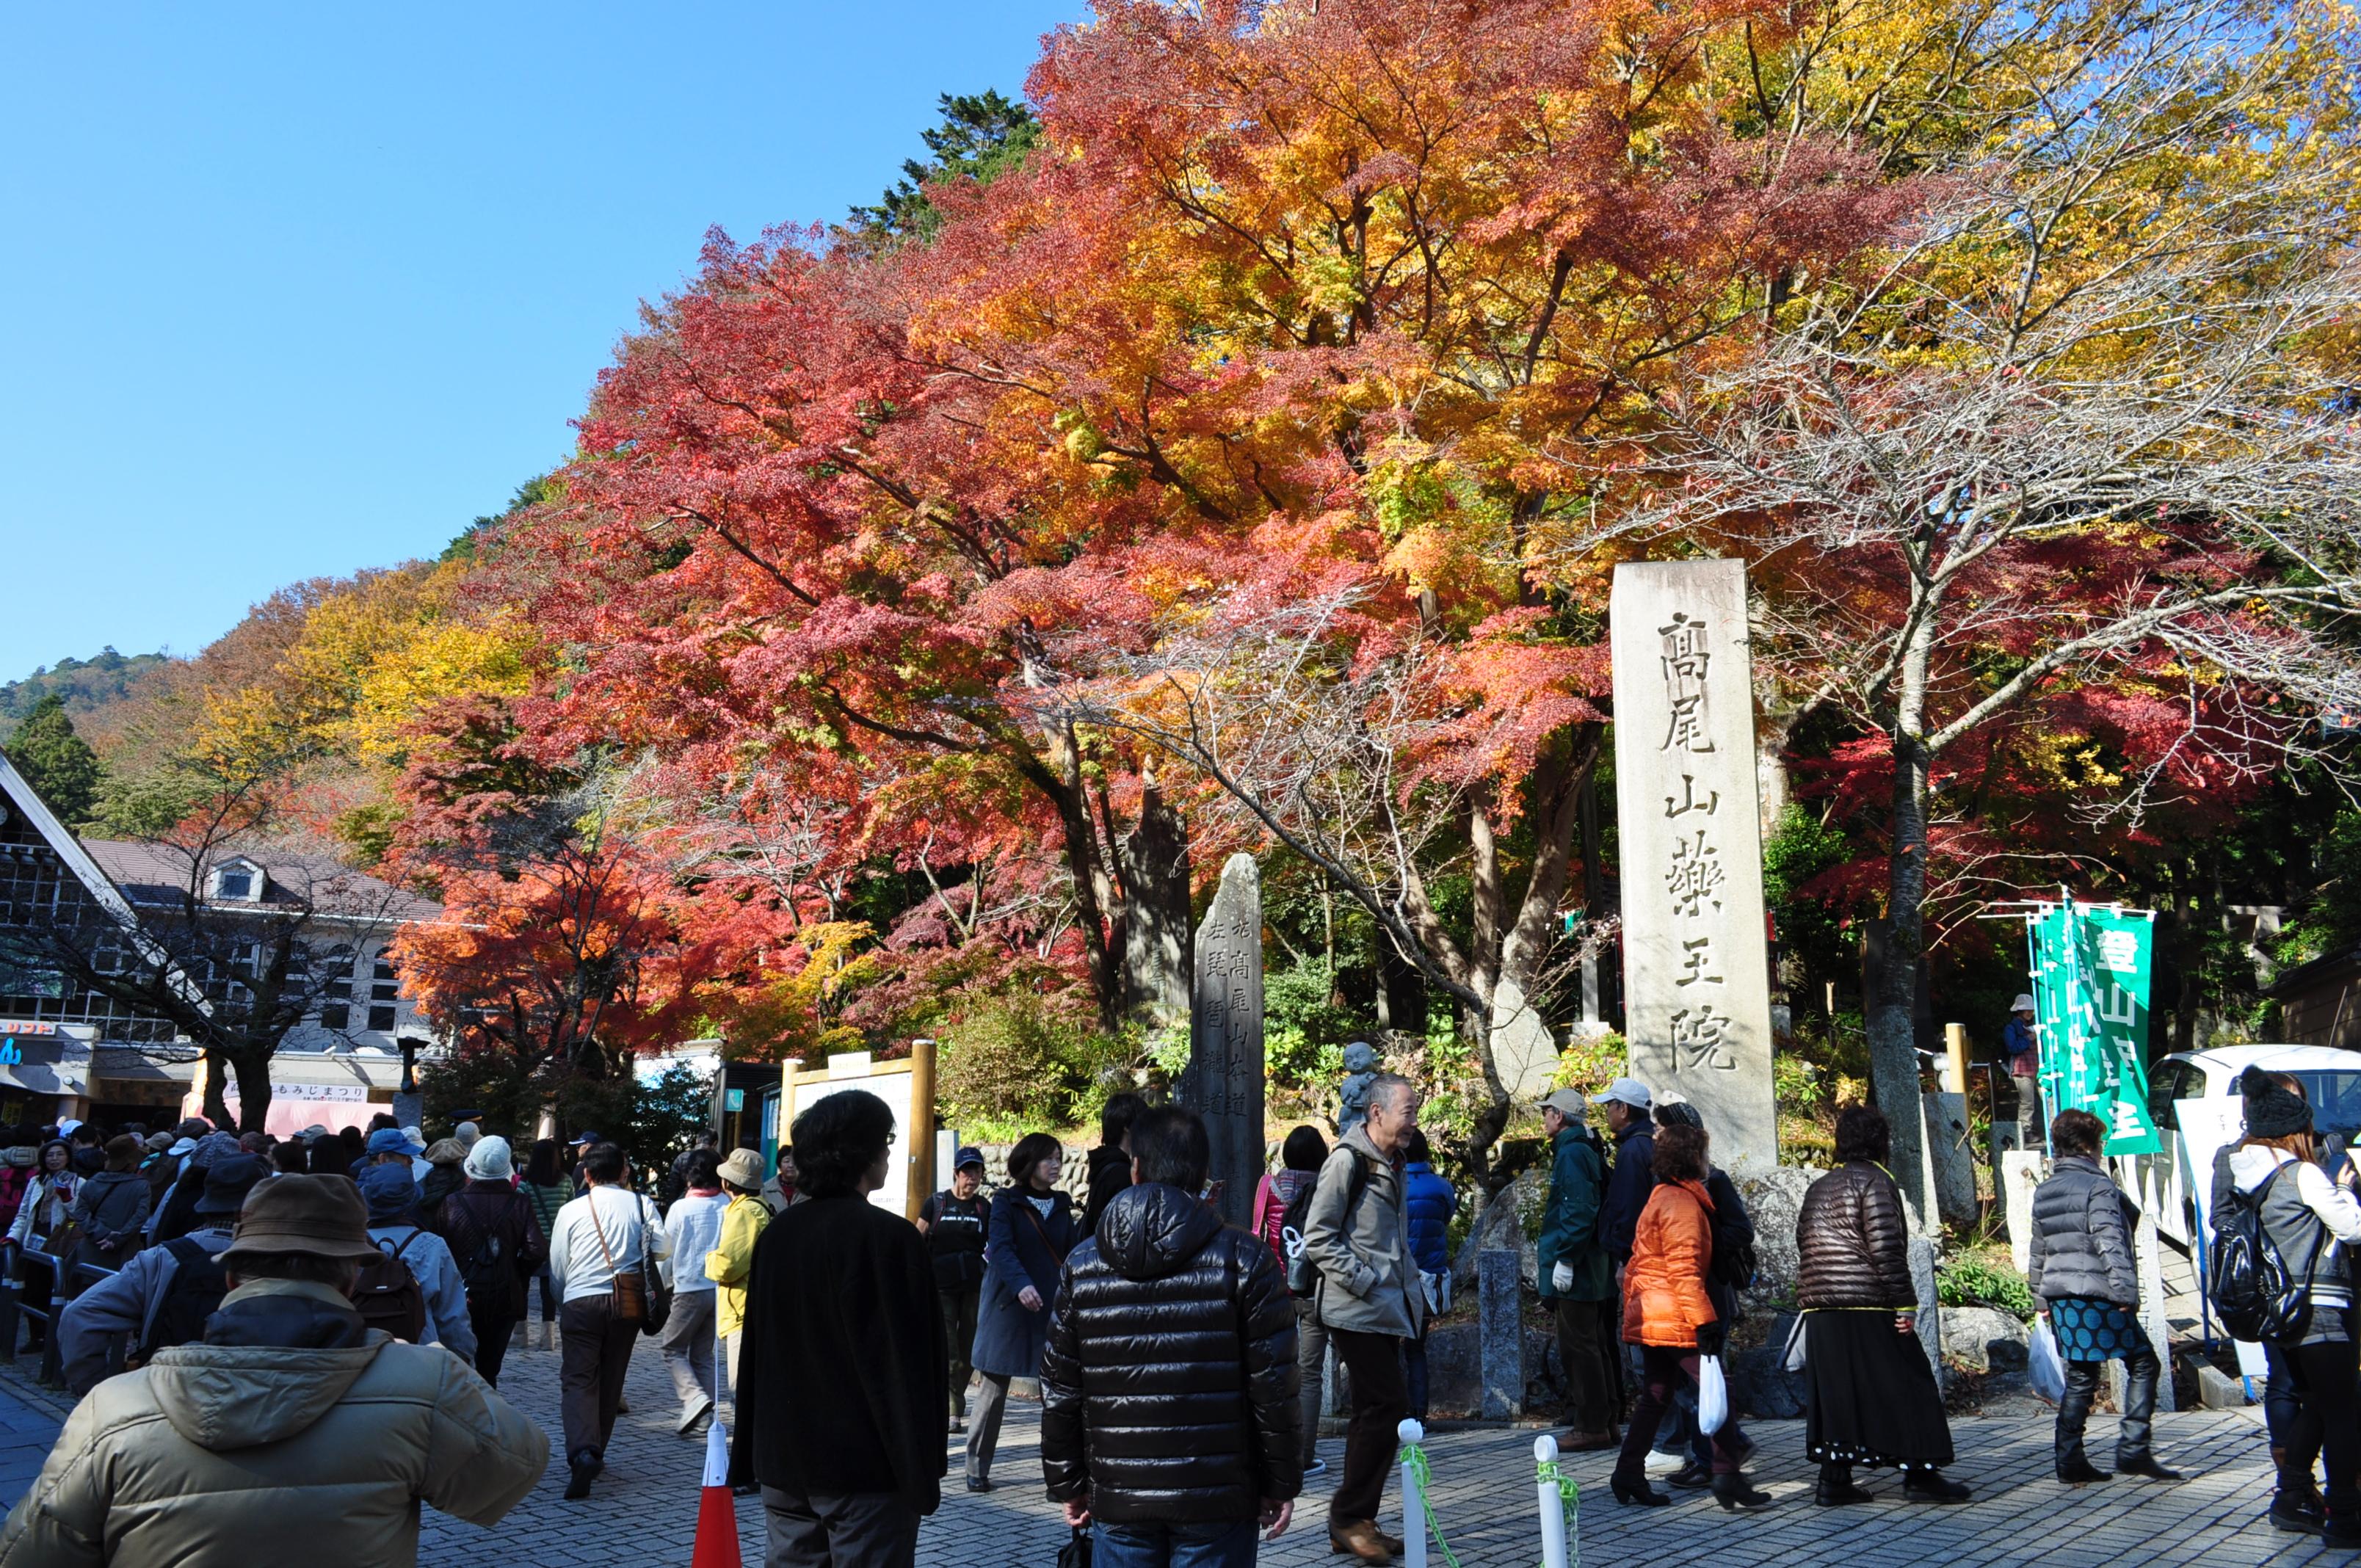 「高尾山 紅葉」の画像検索結果